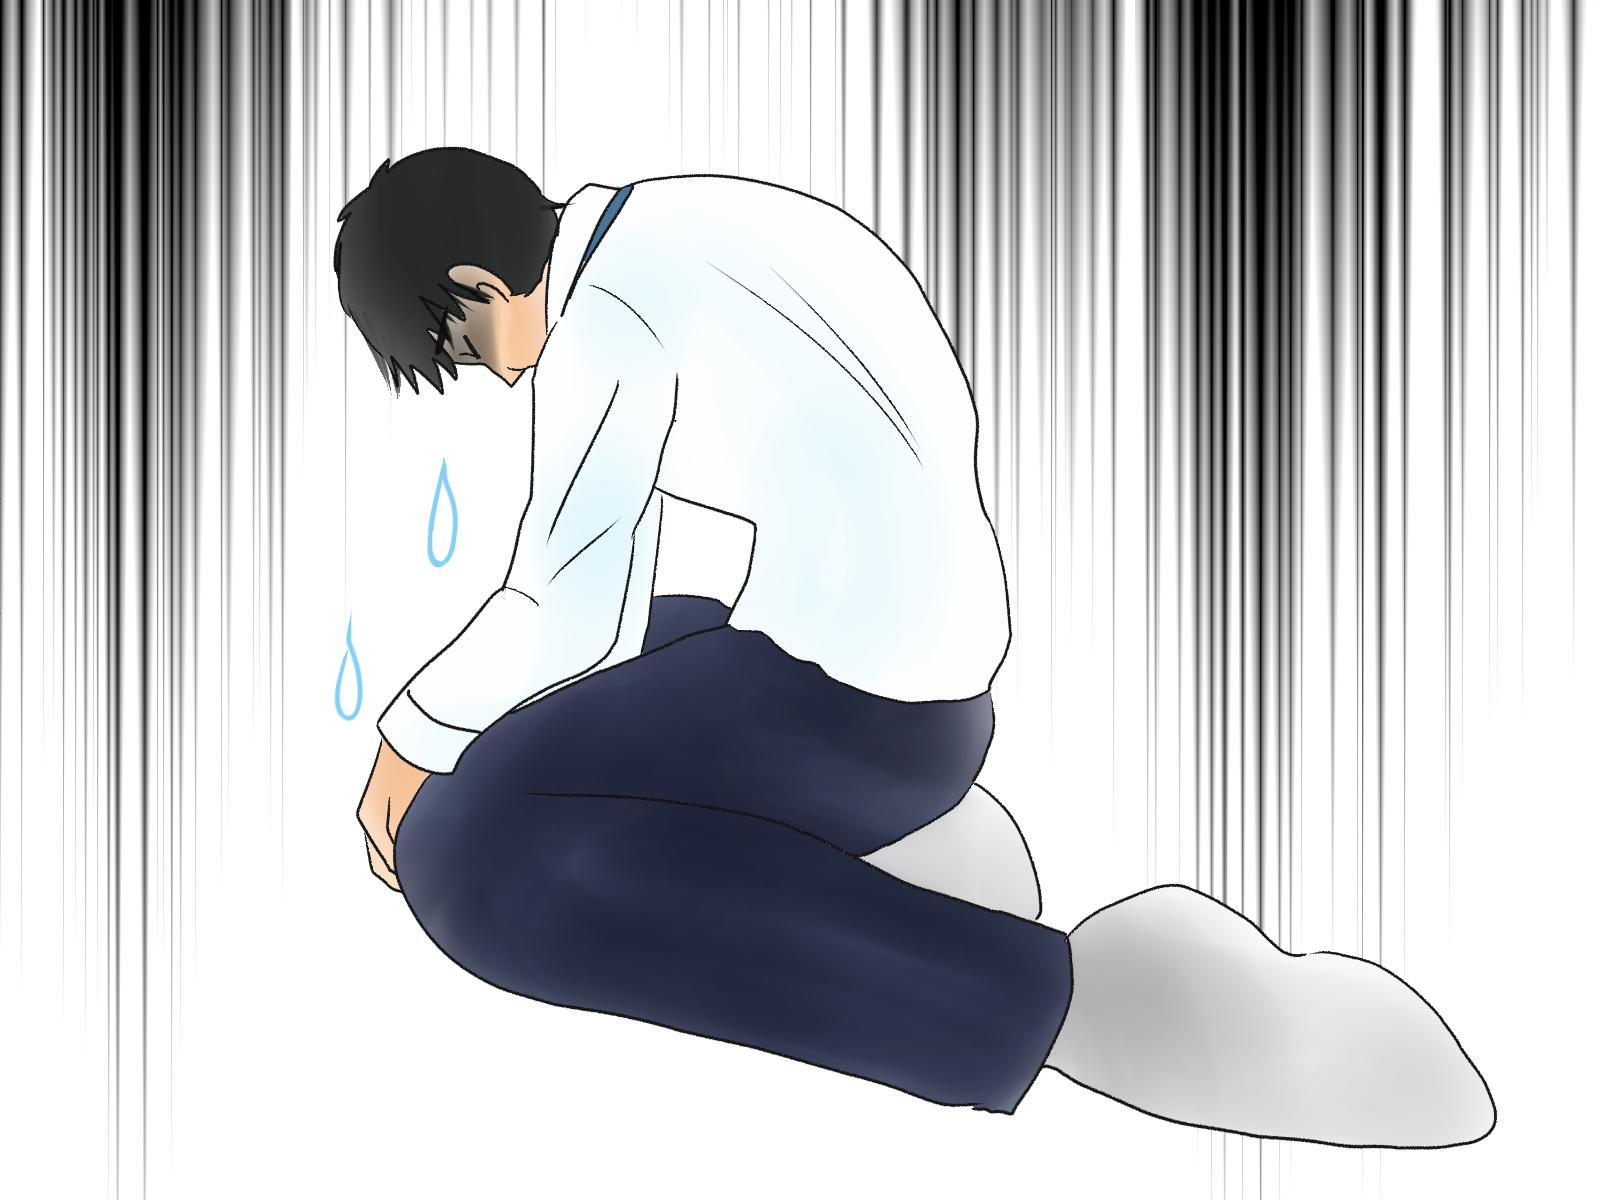 [シリーズ②]うつ病になりやすい人となりにくい人がいるのか精神科認定看護師に聞いた。